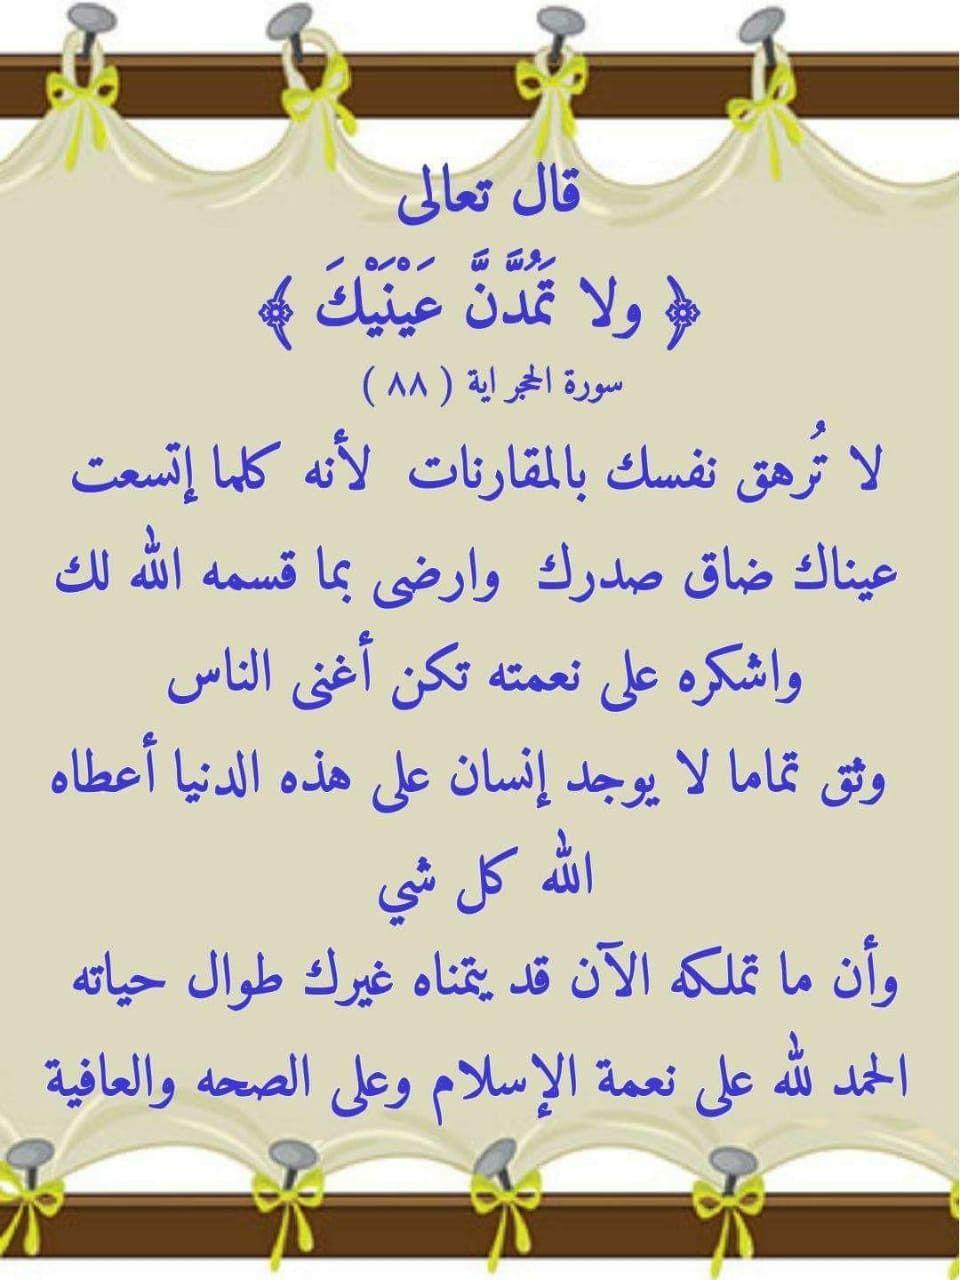 اللهم لك الحمد حتى ترضى ولك الحمد اذا رضيت ولك الحمد بعد الرضى Words Cool Words Tafsir Al Quran